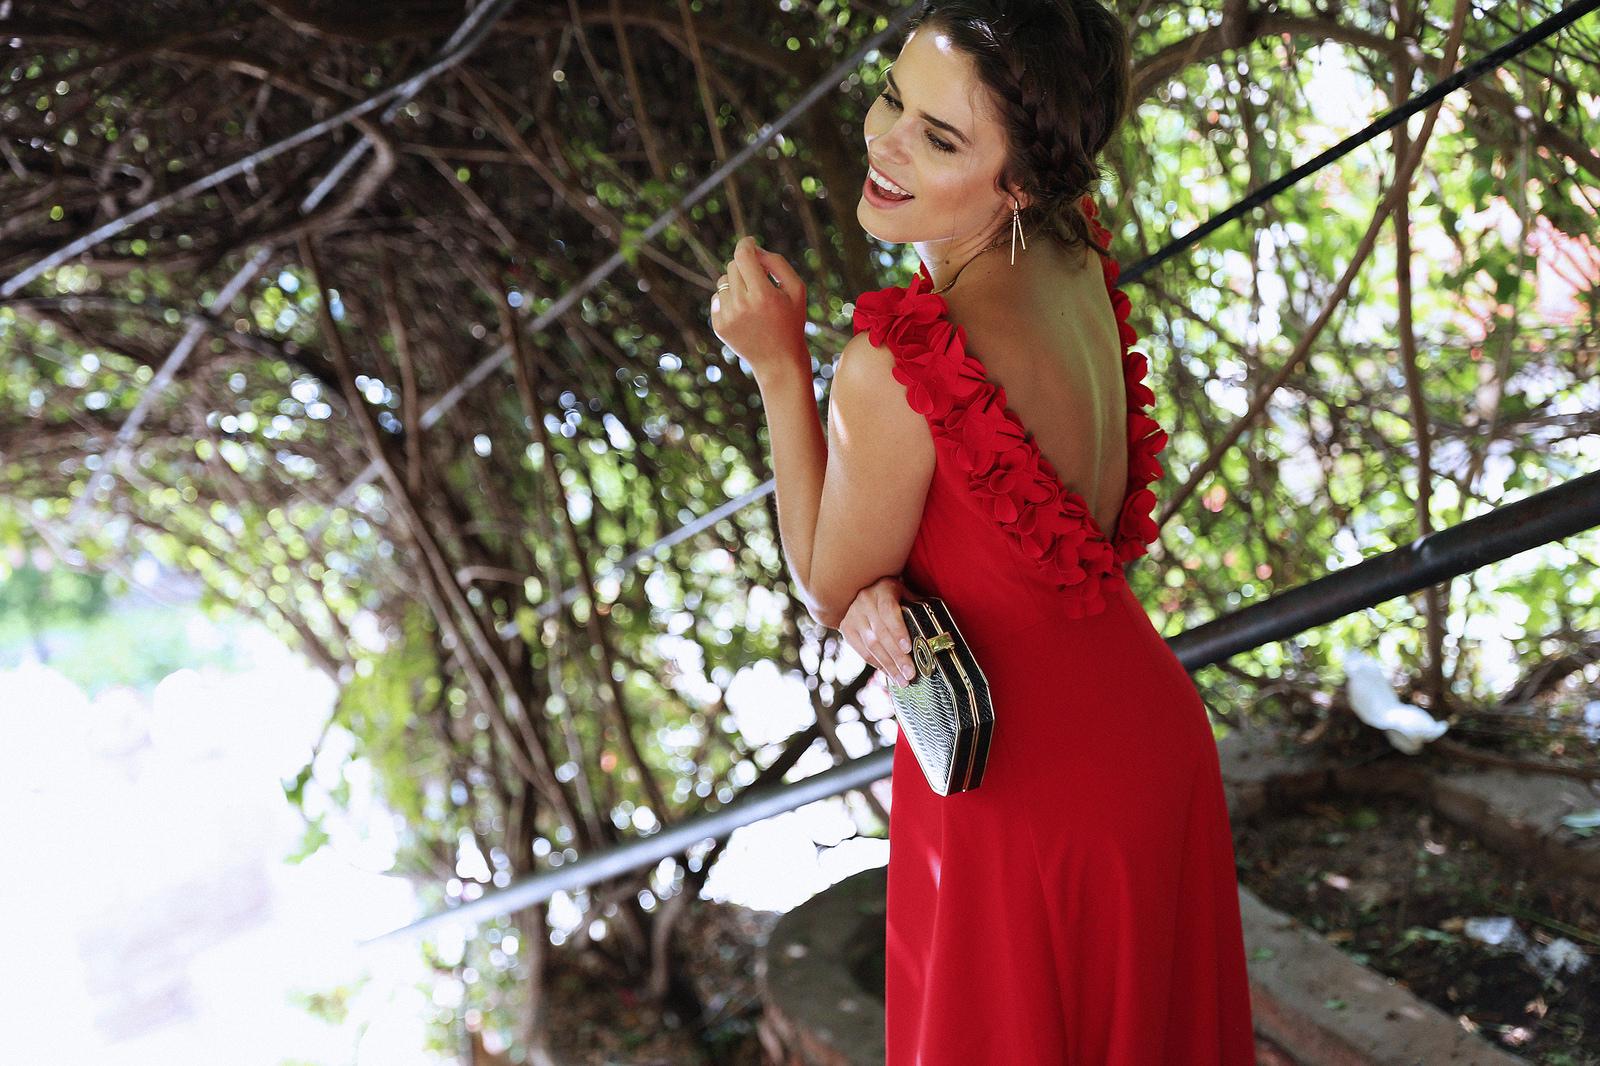 vestido rojo largo con flores rodhante de apparentia invitadas